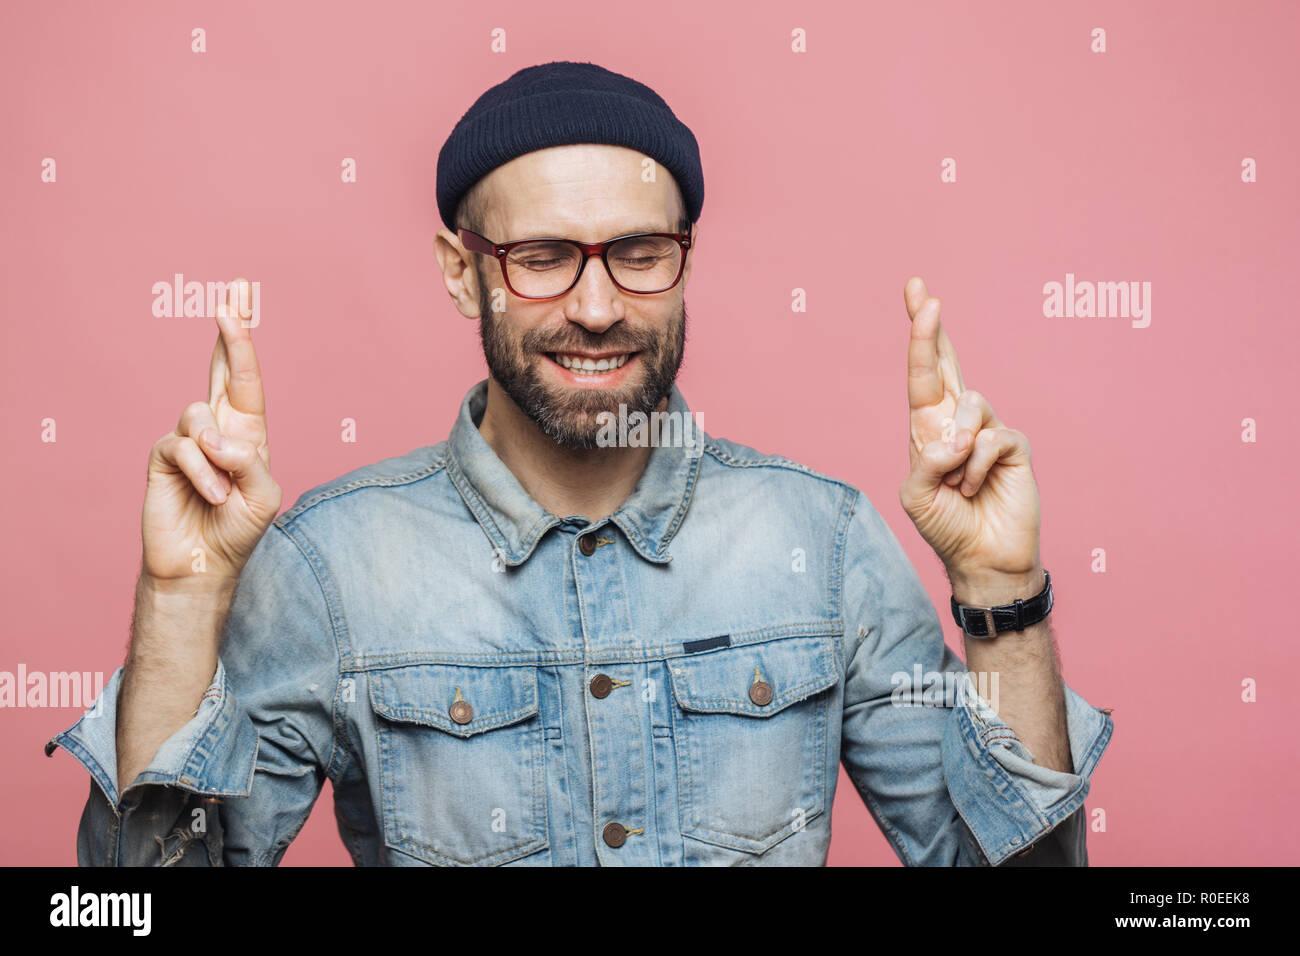 Piscina colpo di bello barba lunga maschio mantiene le dita incrociate, chiudere gli occhi, è felice espressione, vestito in abiti alla moda isolato su rosa backg Immagini Stock